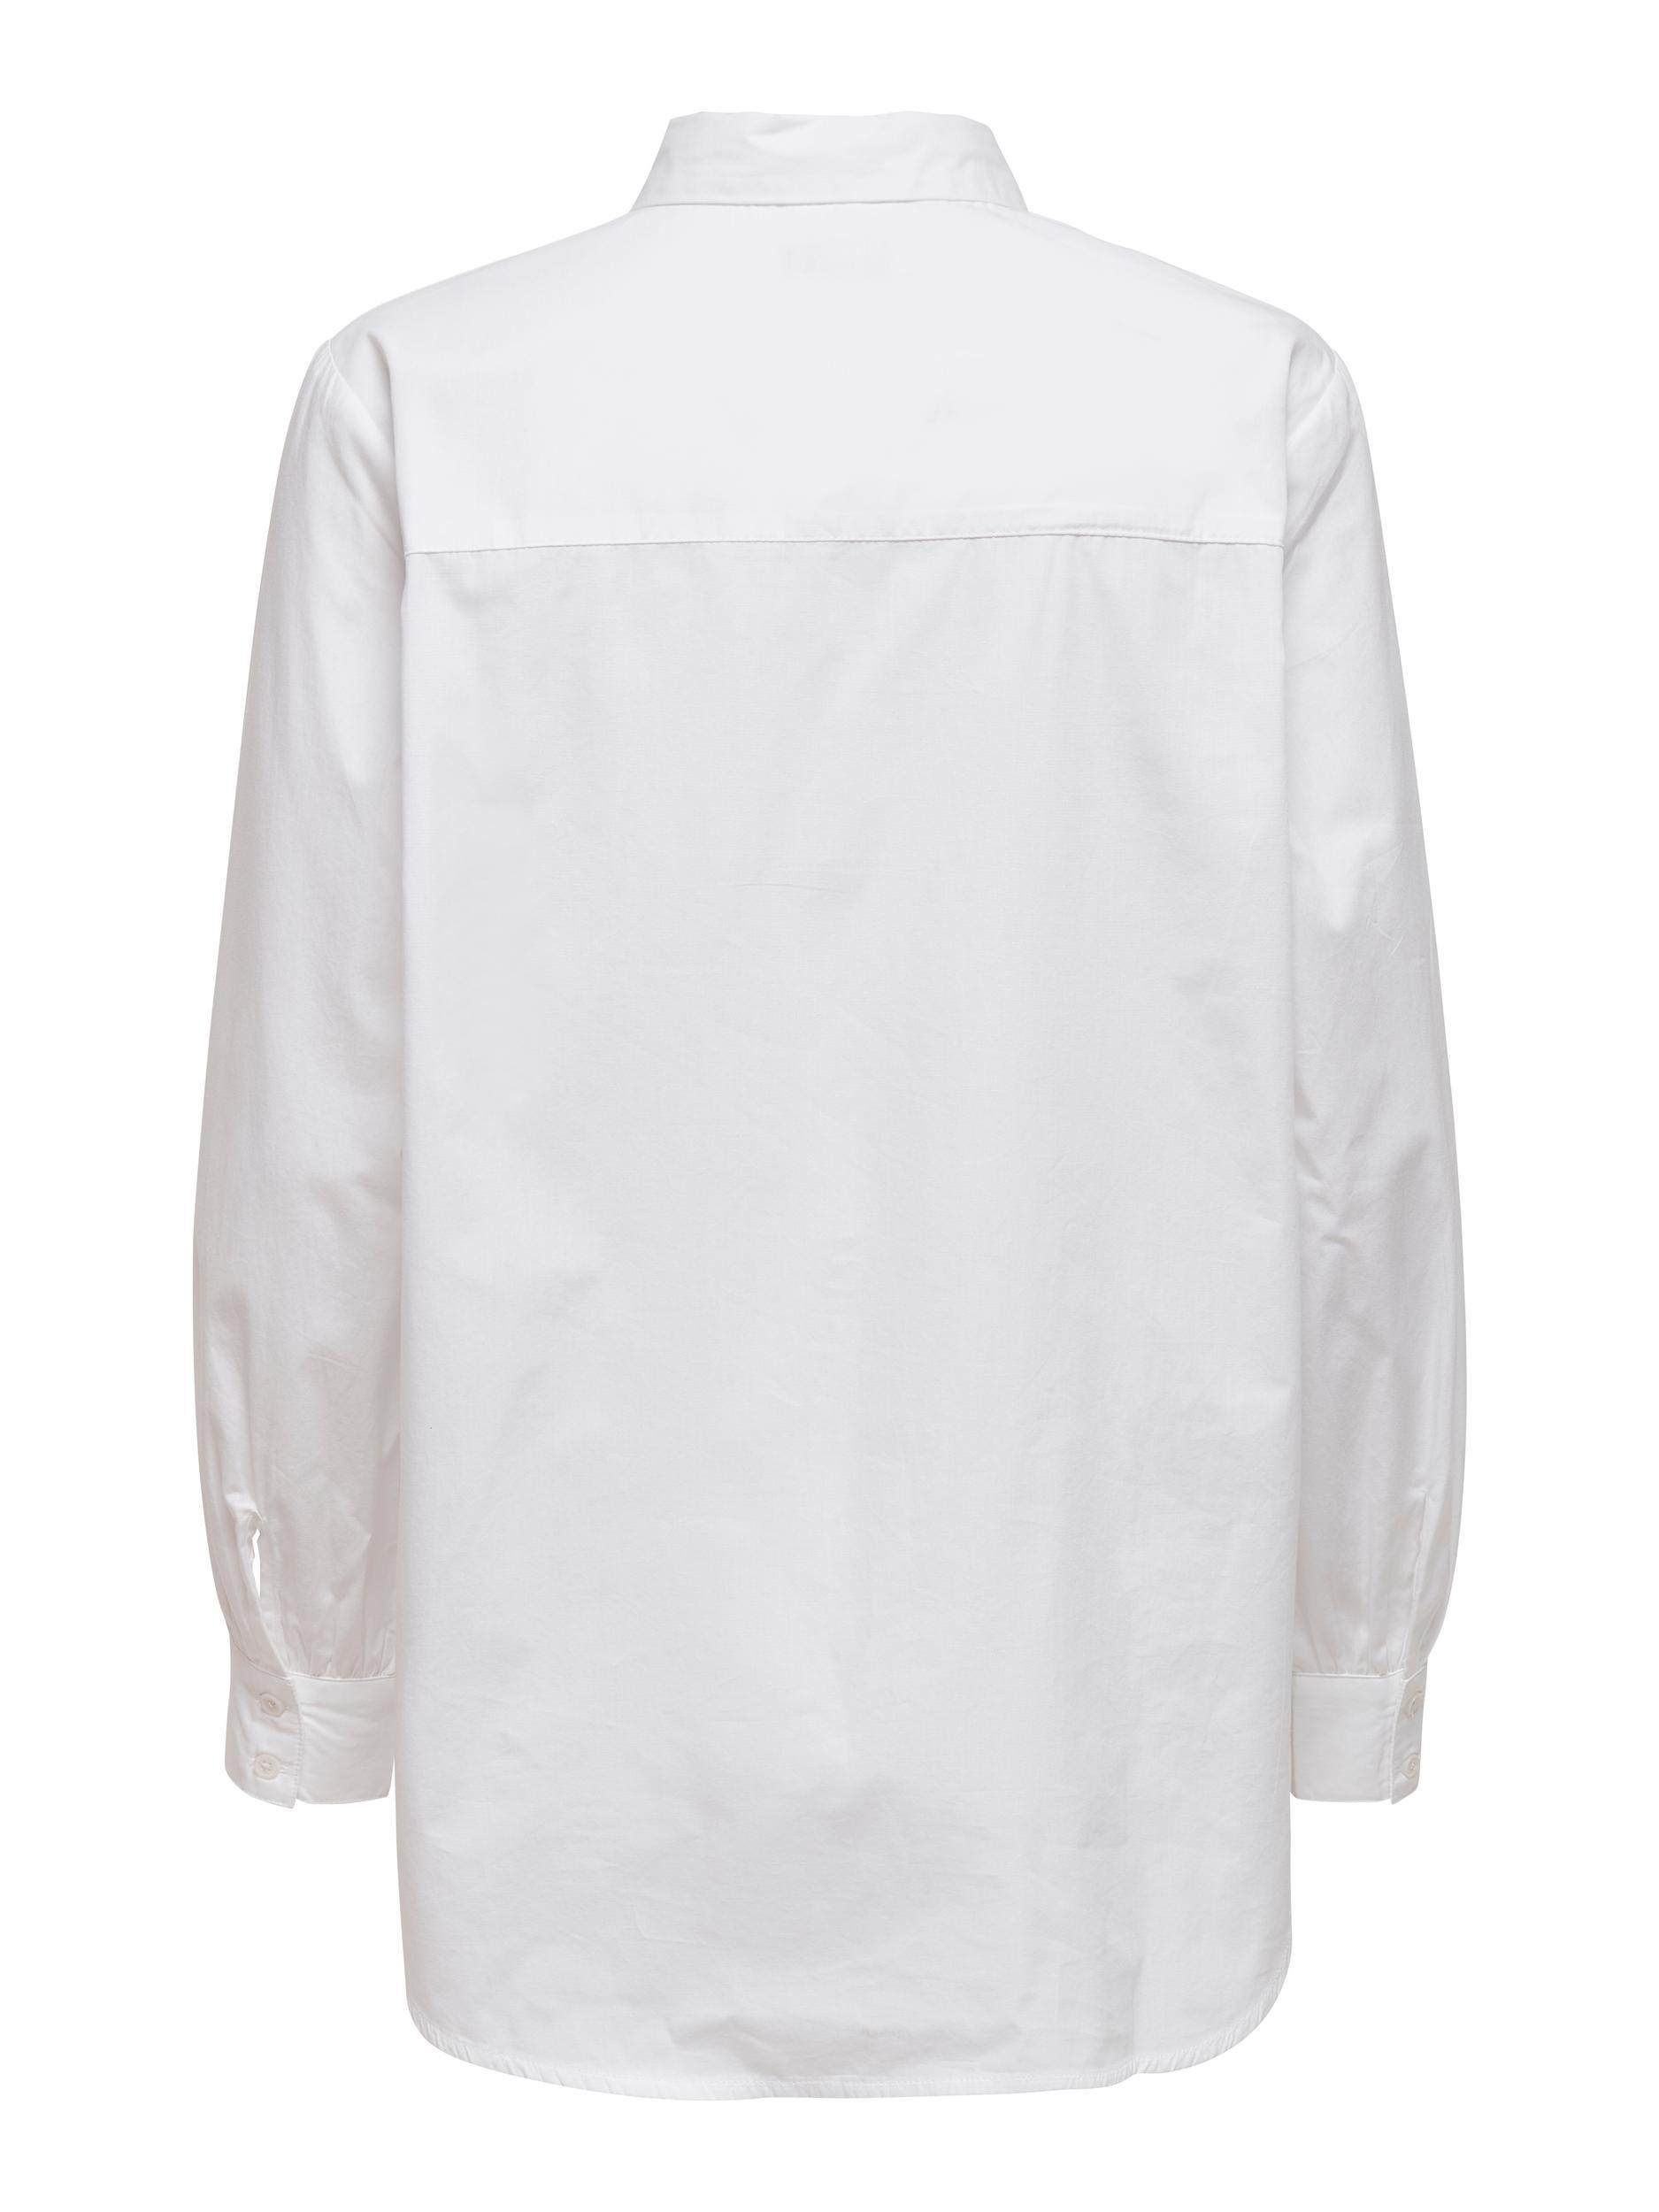 ONLY Nora New skjorte, white, medium